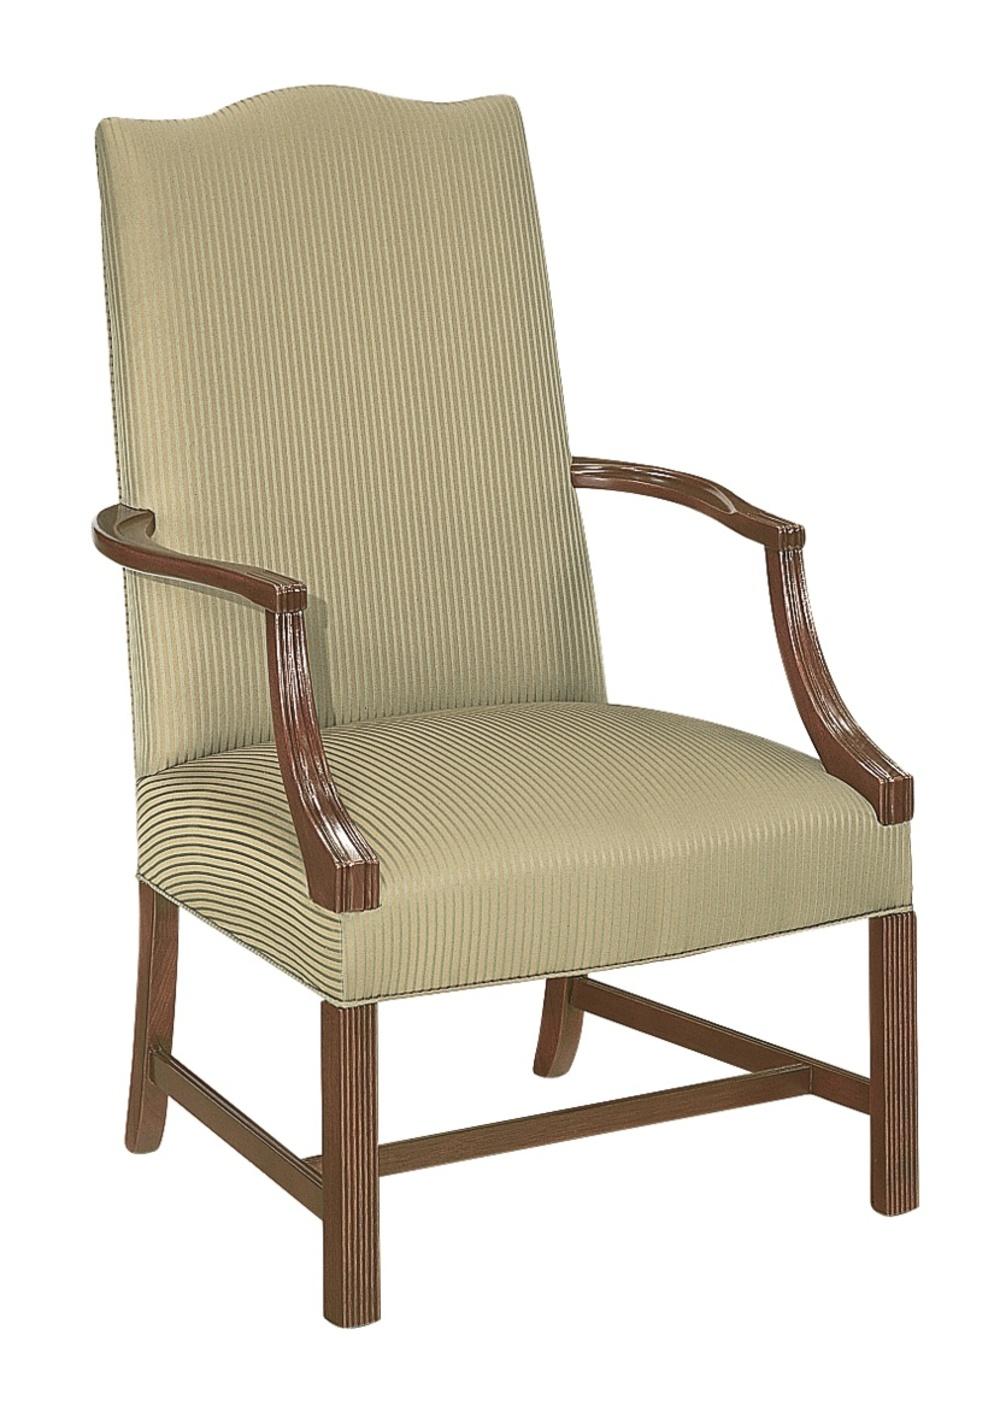 Hickory Chair - Martha Washington Chair